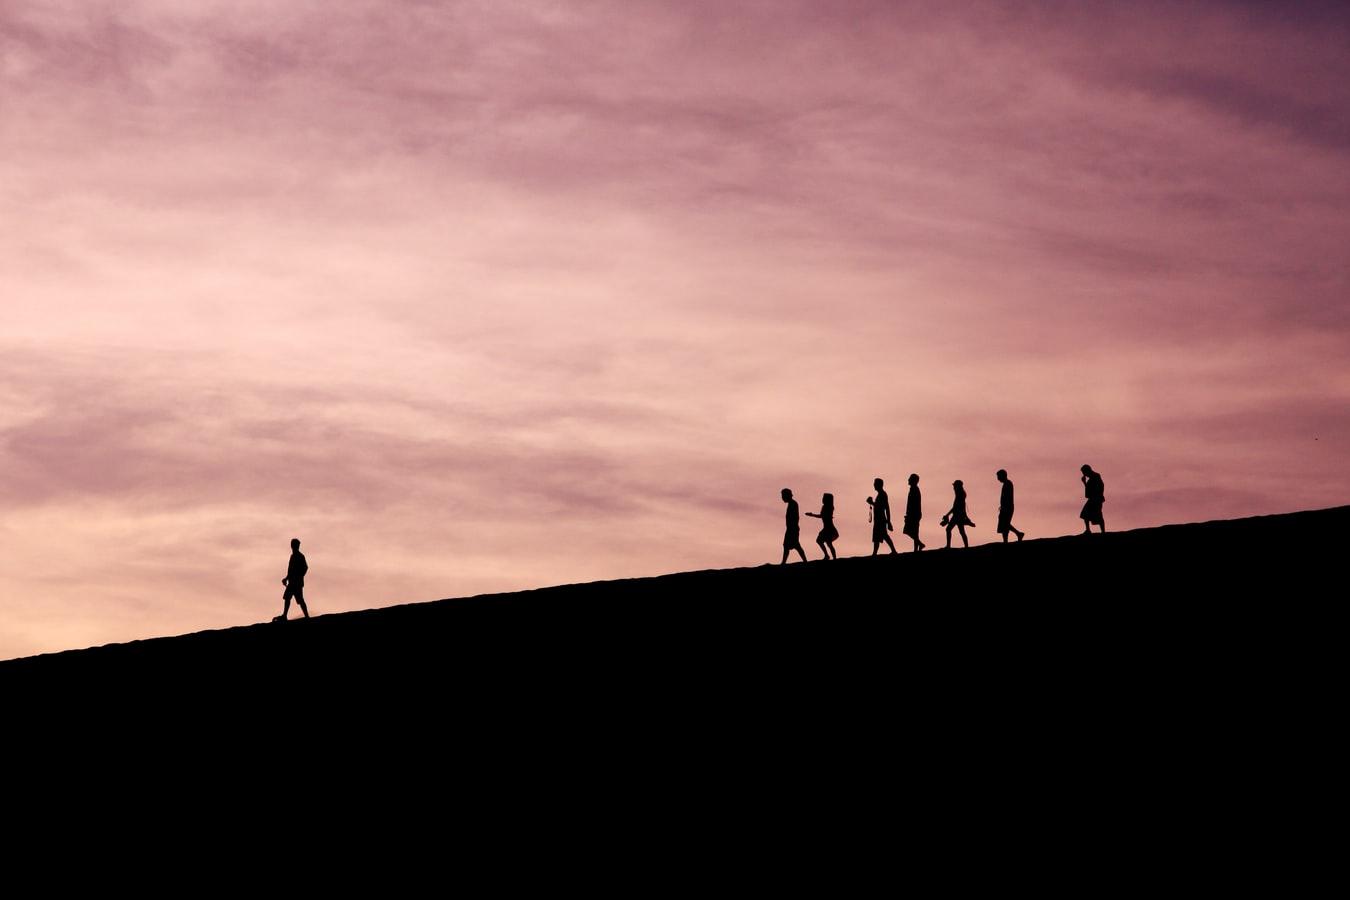 dec1 - Bliv en bedre leder gennem uddannelse